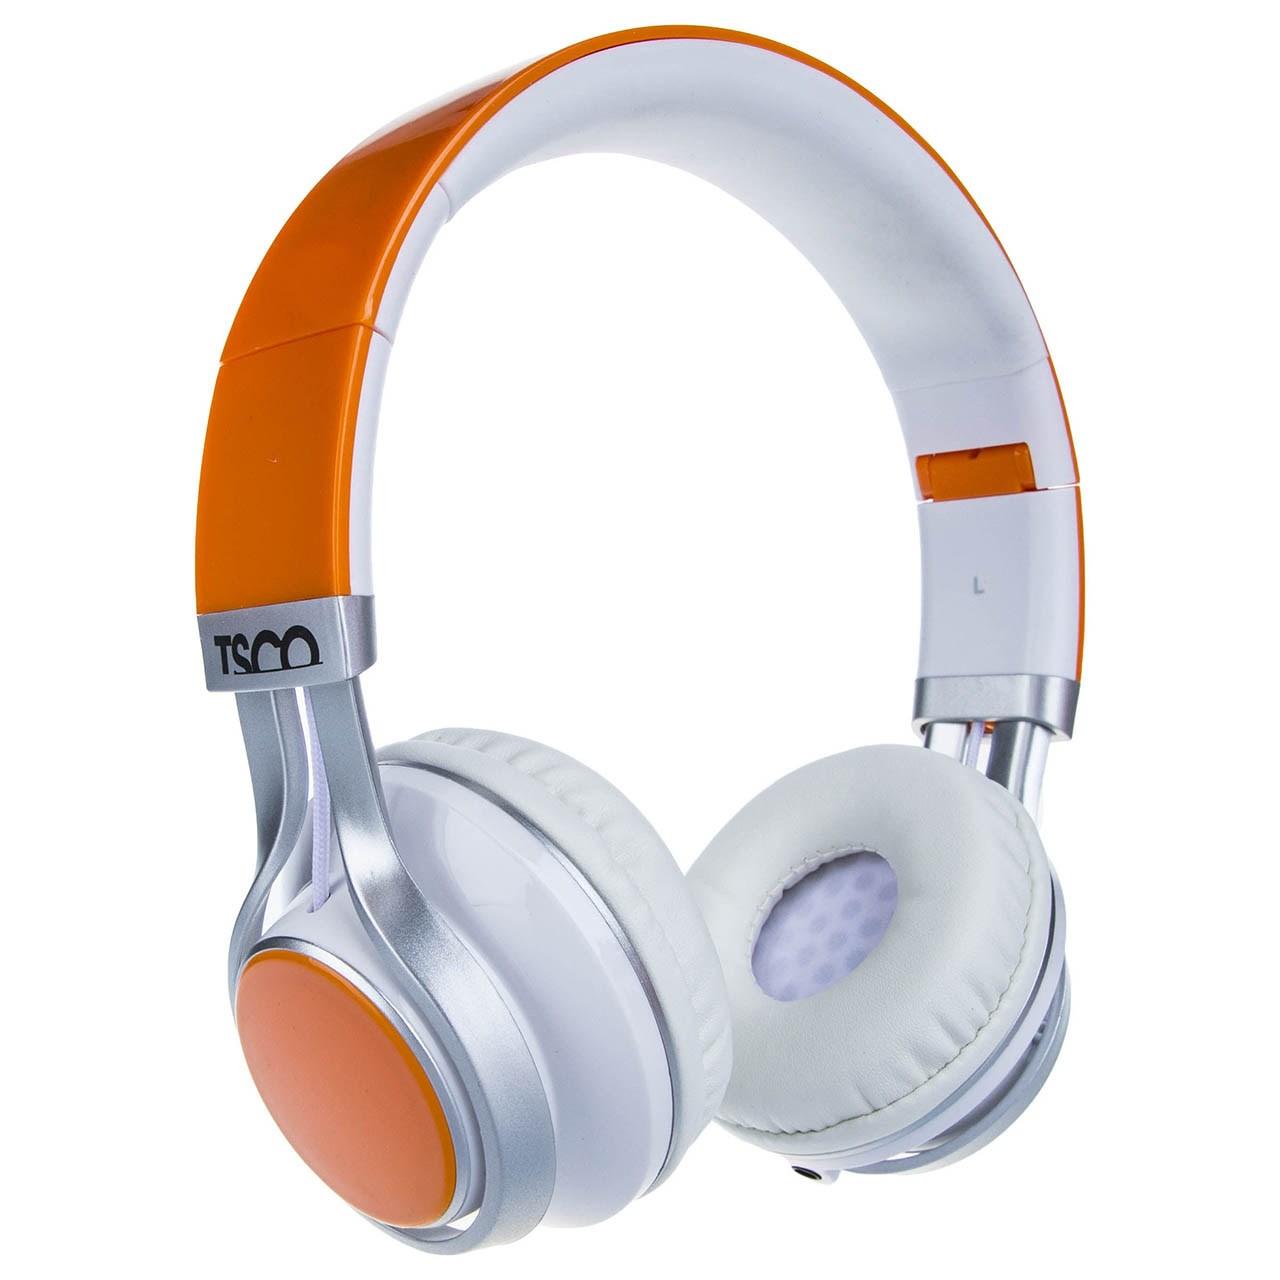 هدفون تسکومدل TH-5096 | TSCO TH-5096 Headphone With Microphone